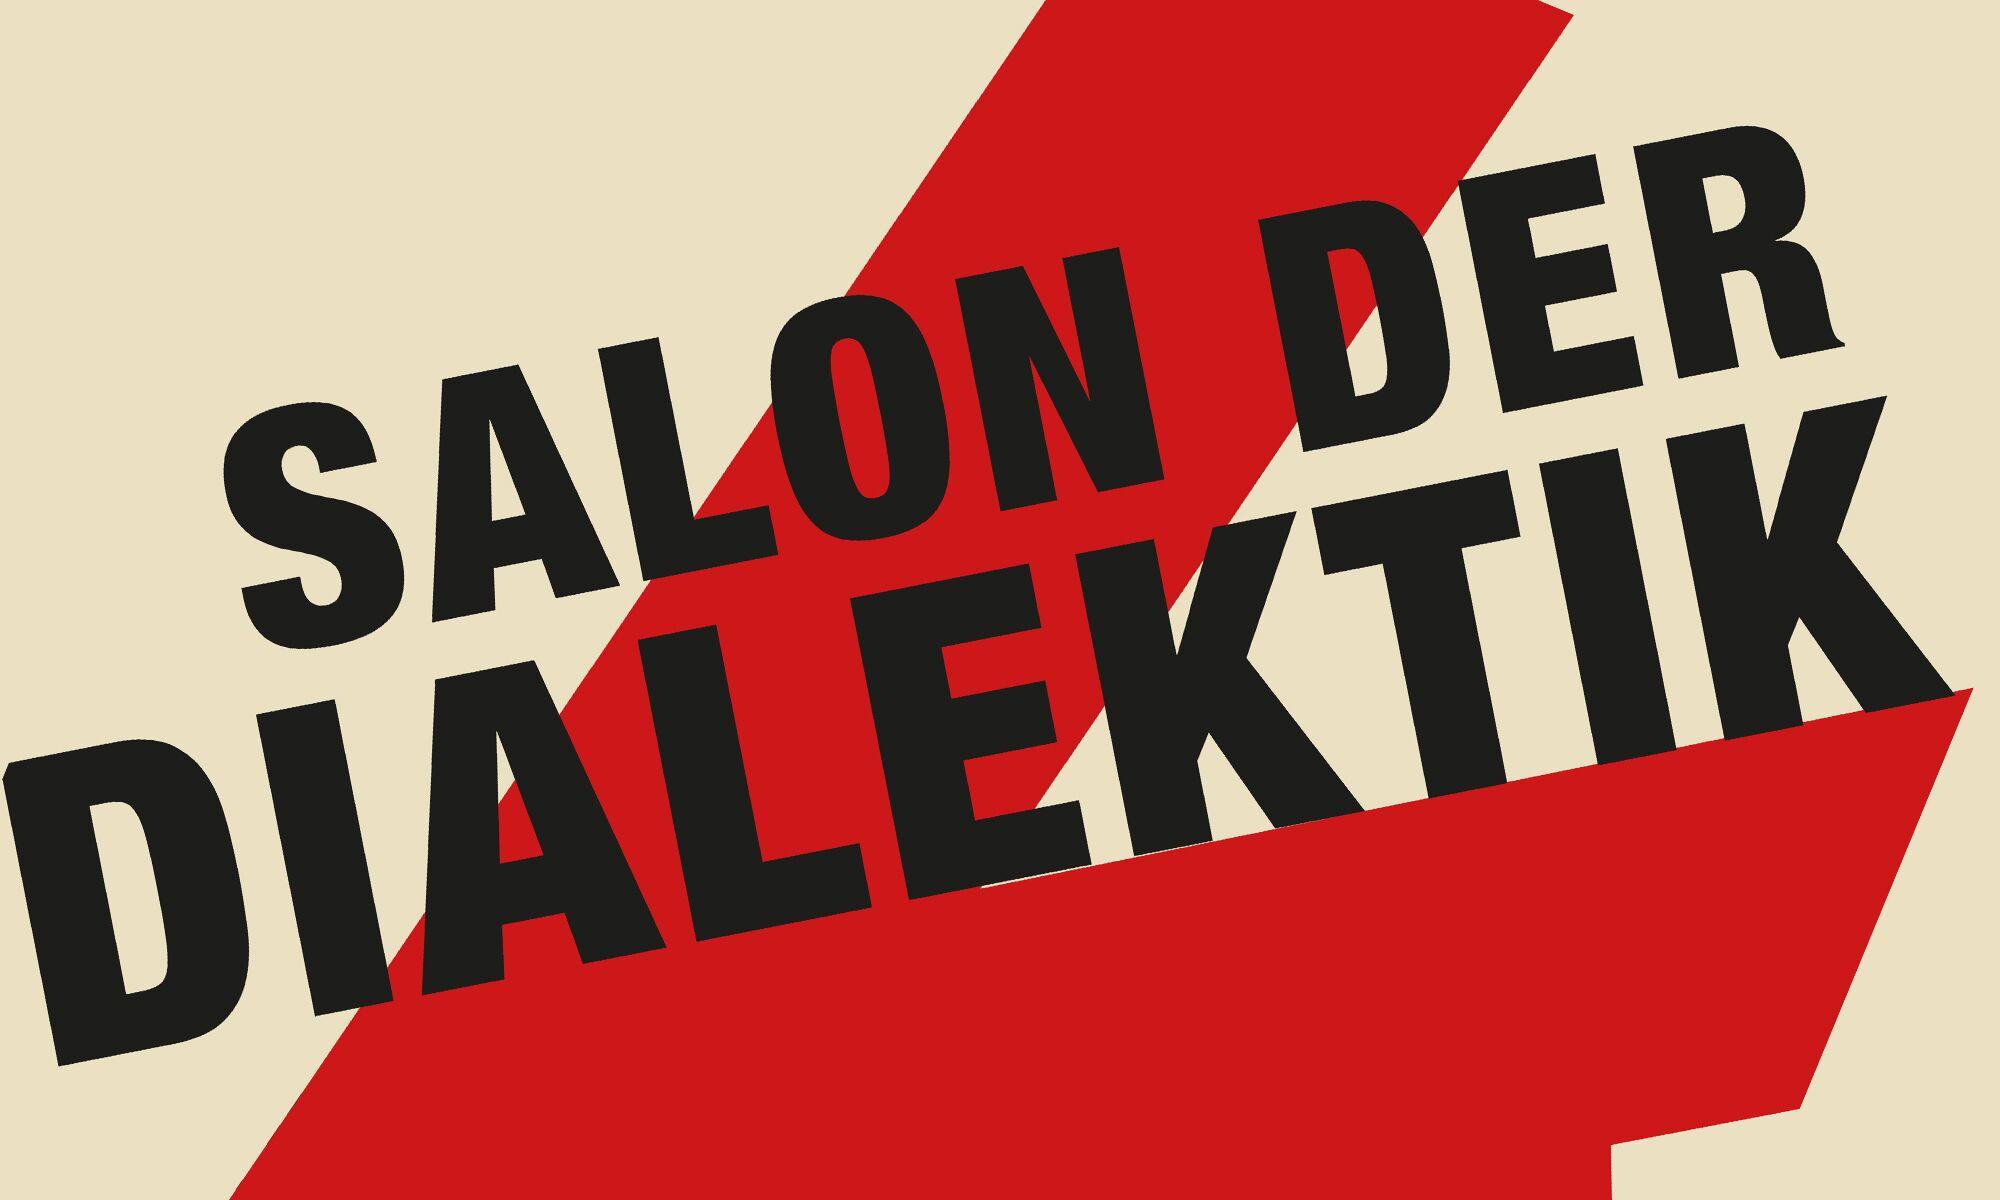 Salon der Dialektik